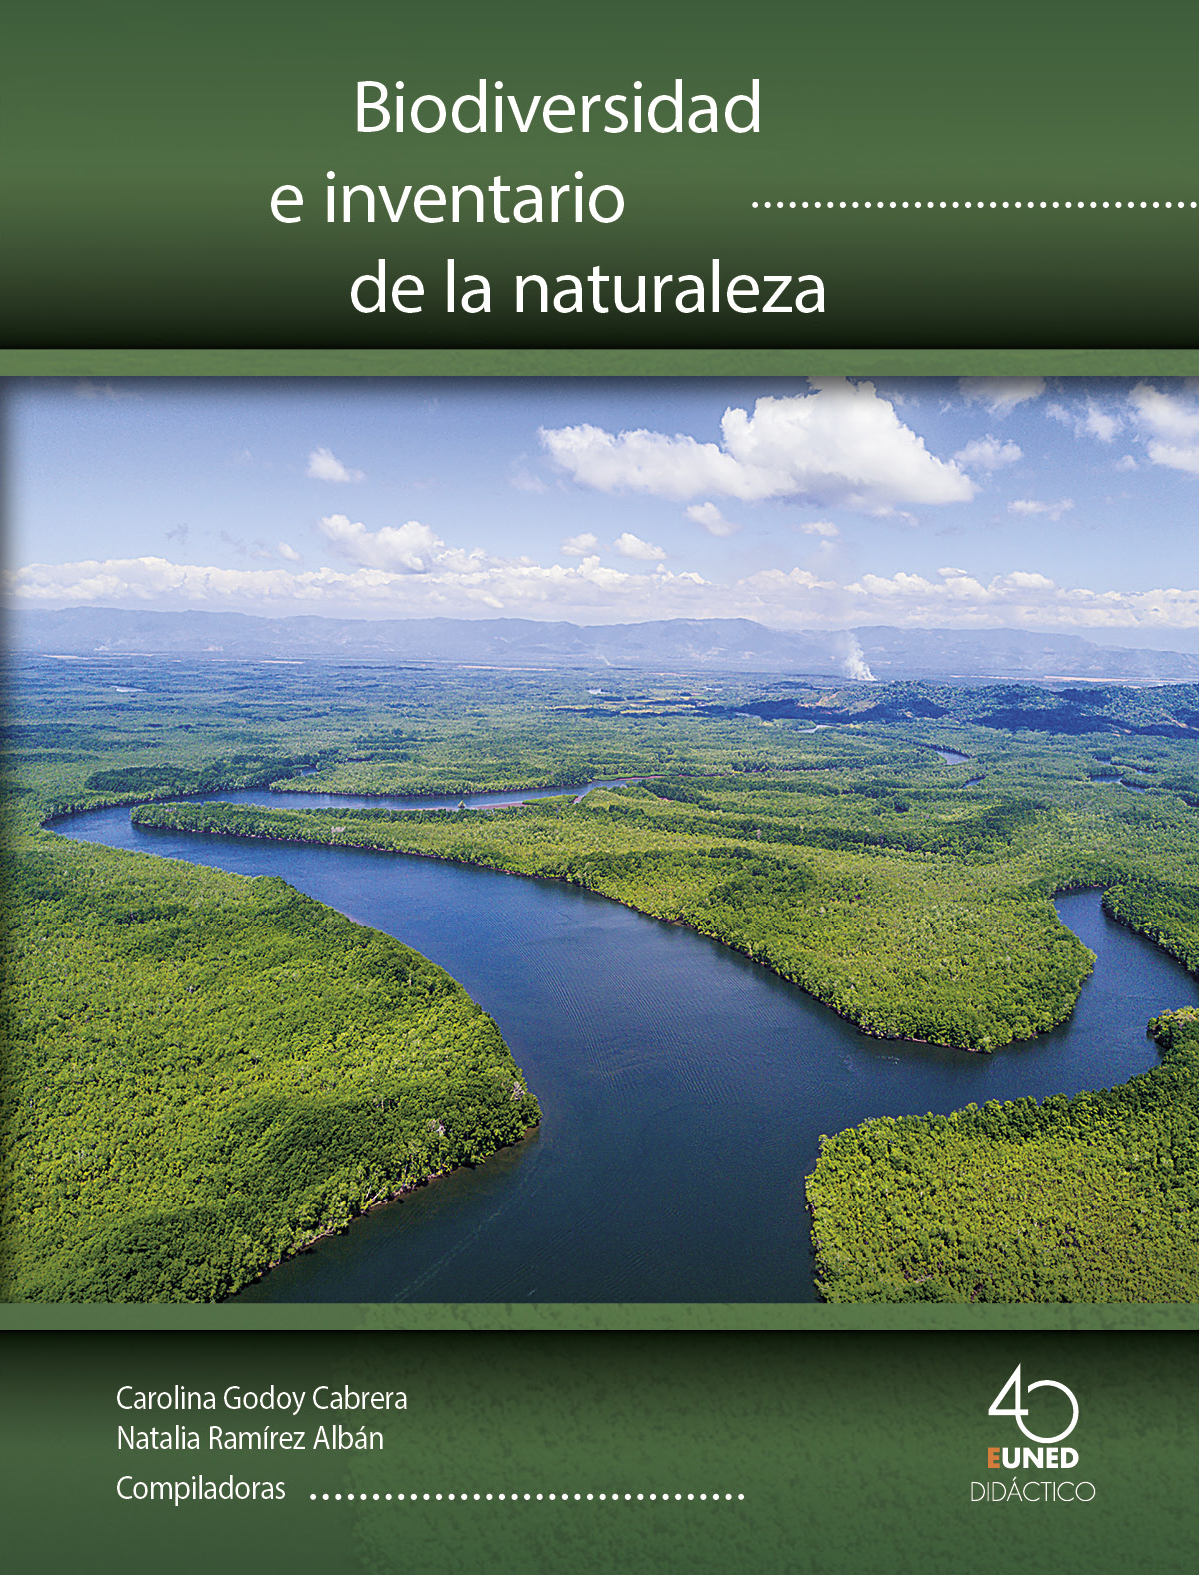 Biodiversidad e inventario de la naturaleza